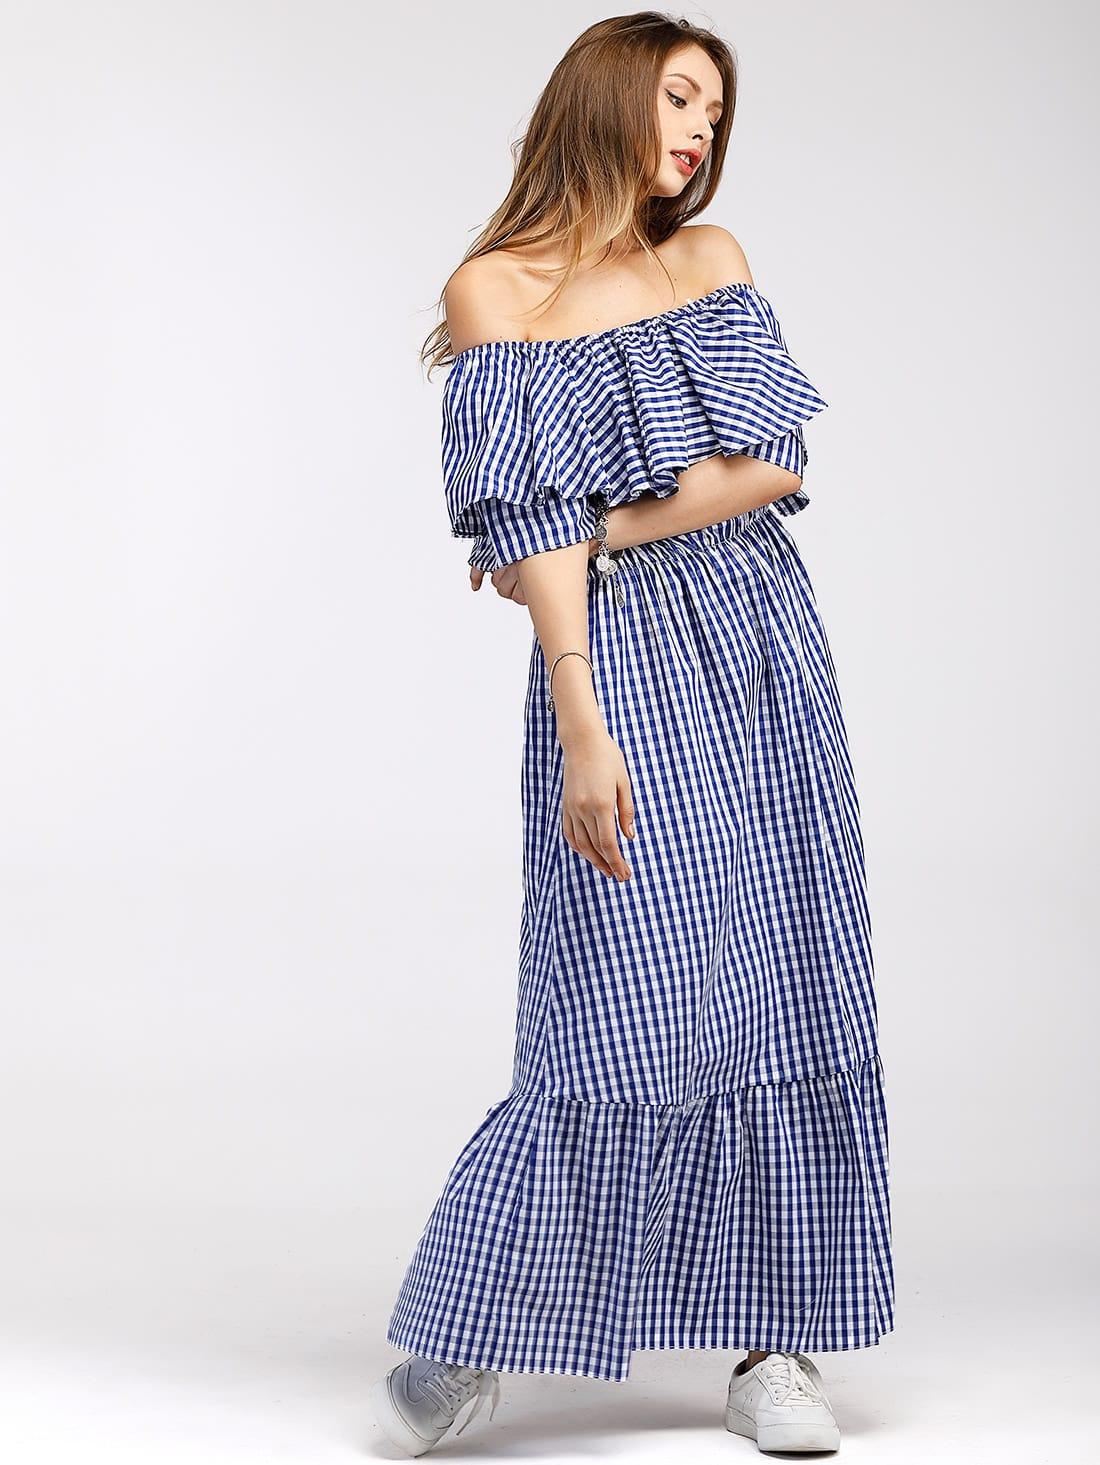 Фото Gingham Flounce Layered Tiered Bardot Dress. Купить с доставкой